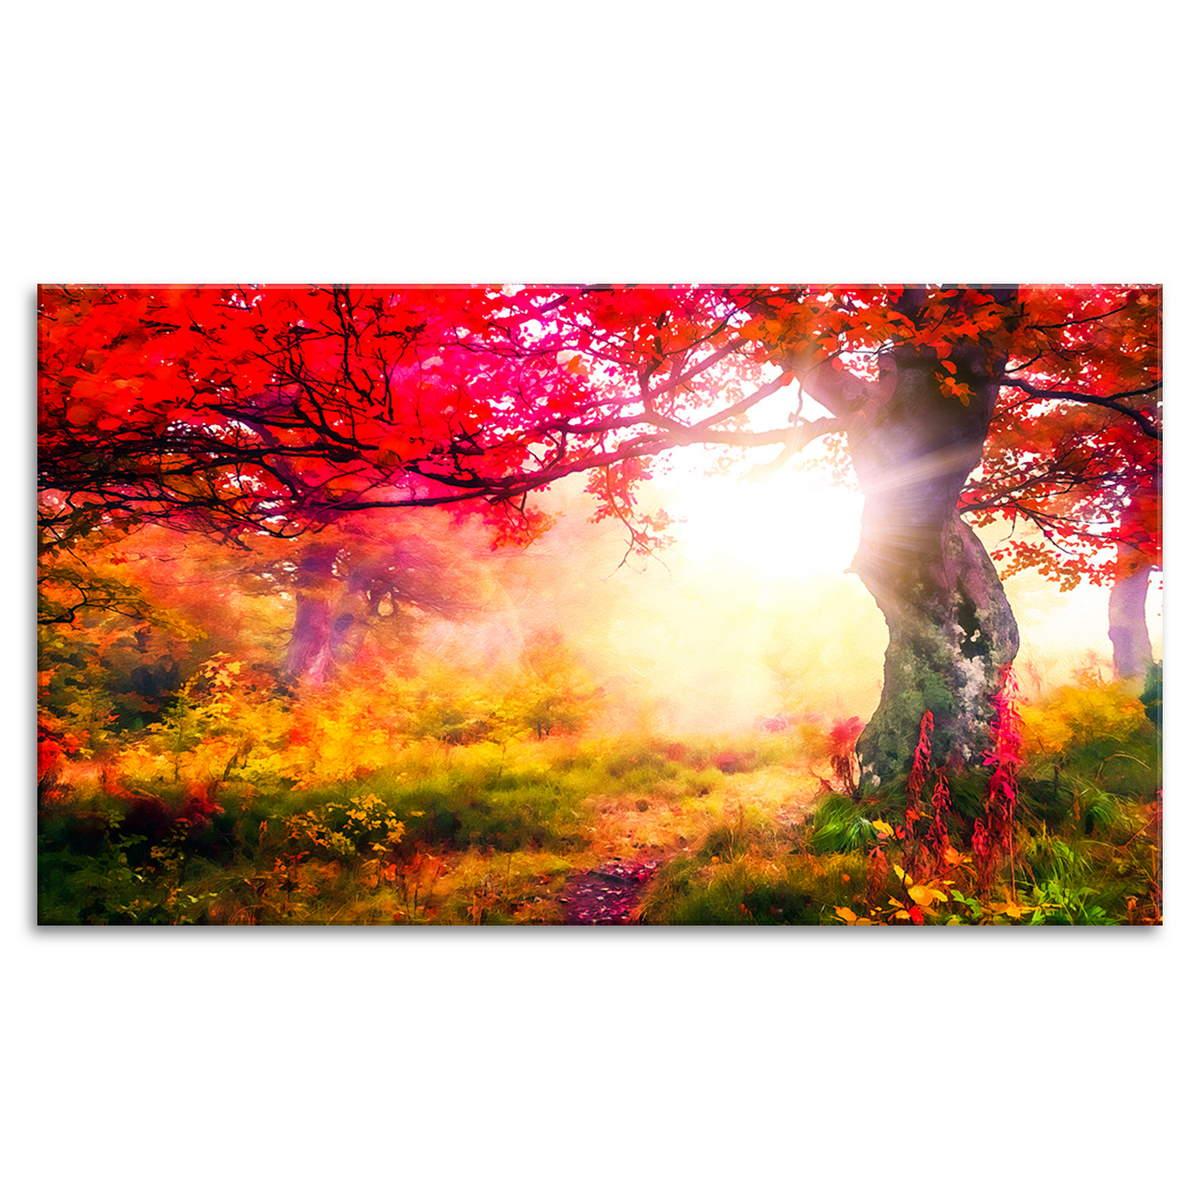 kunstgestalten24 - onlineshop für exclusive Leinwandbilder und ...